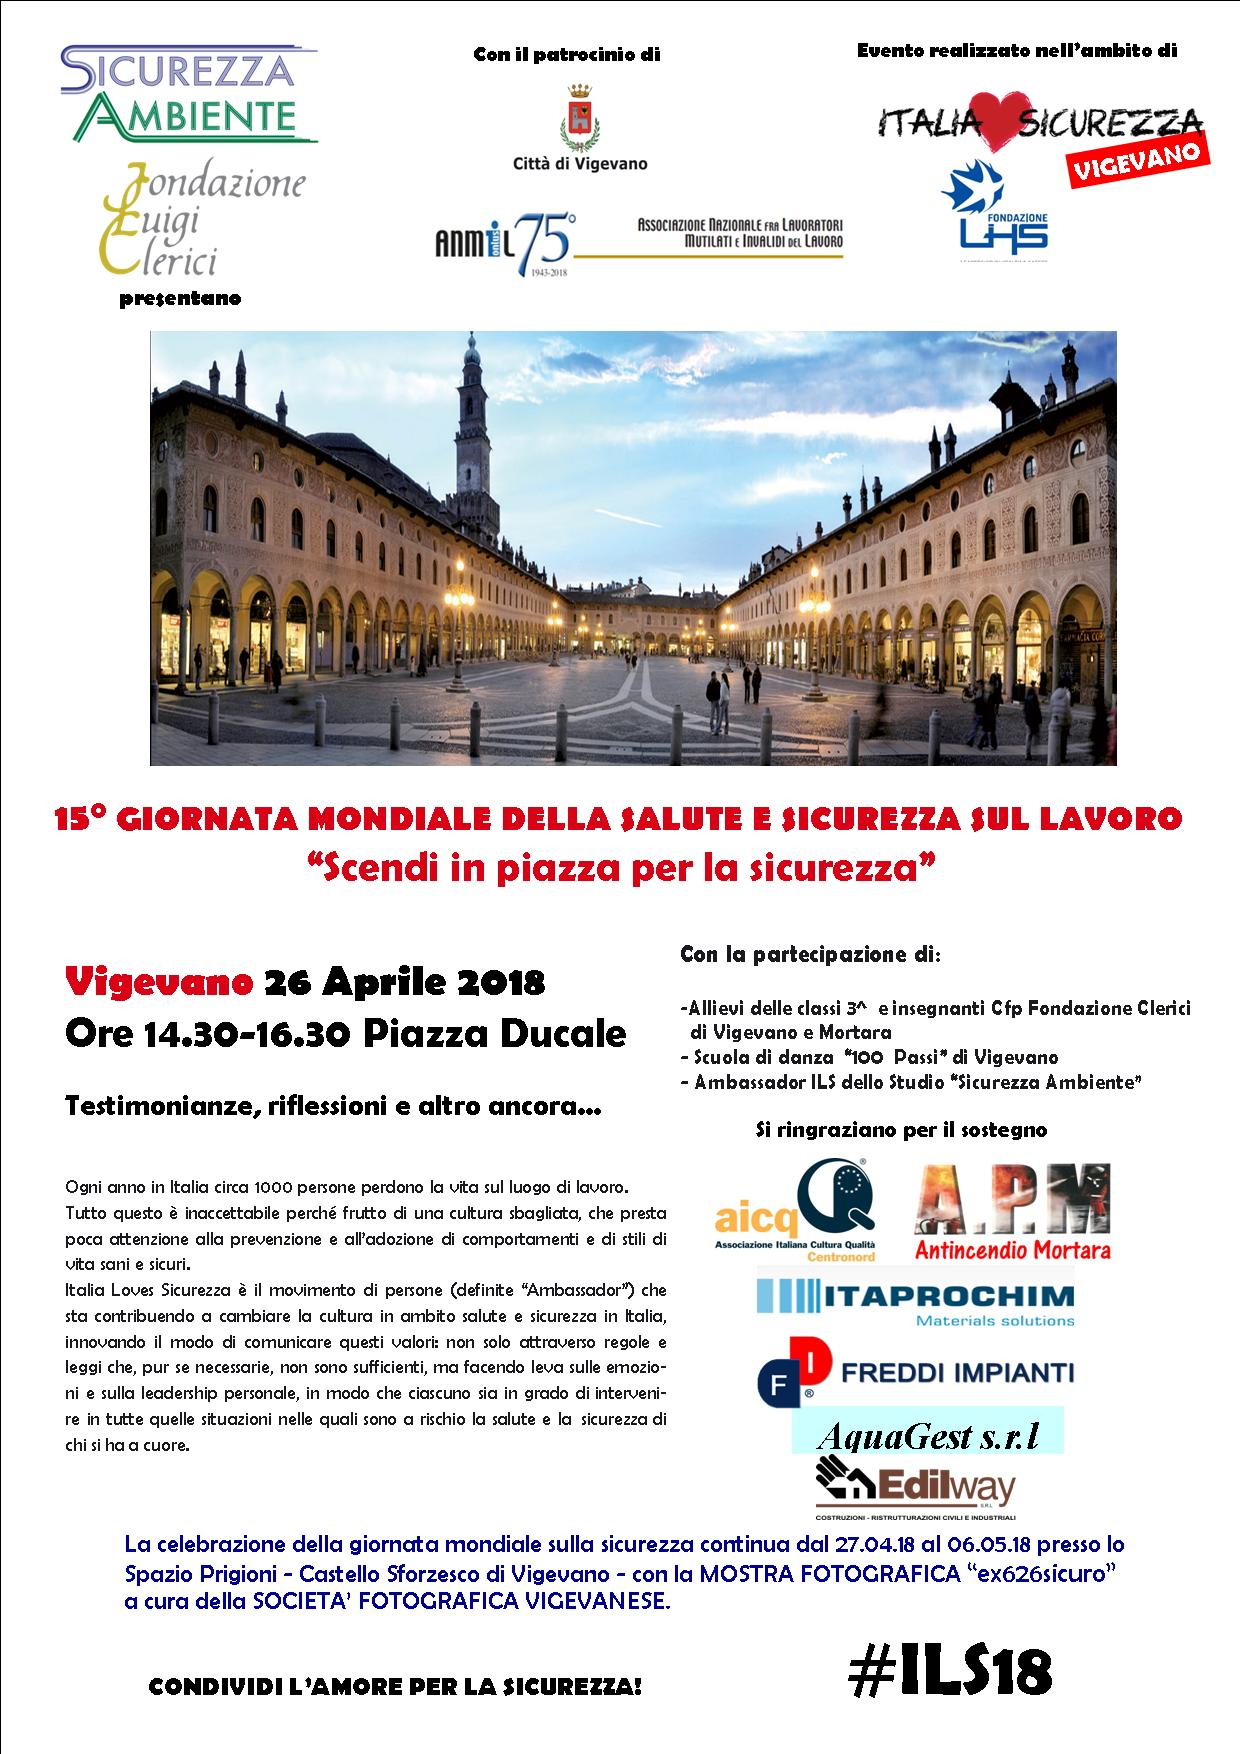 https://www.fondlhs.org/wp-content/uploads/2018/04/poster-evento-ILS-rev-03-del-130418.jpg